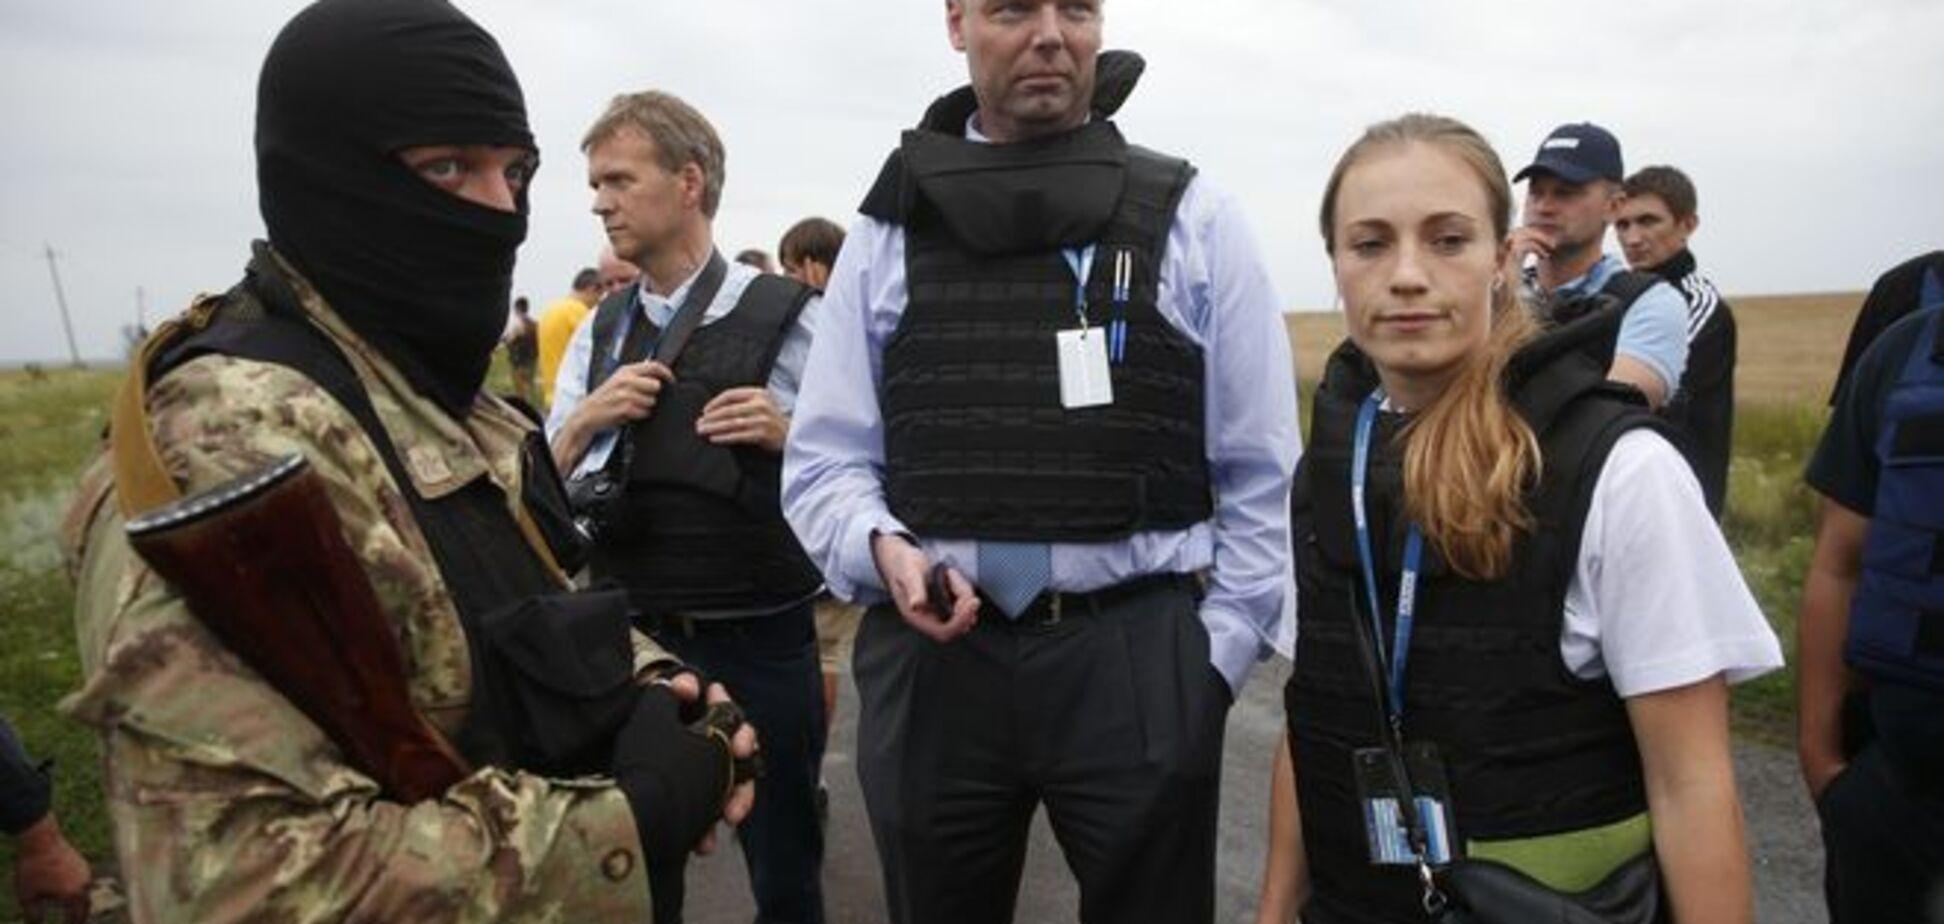 Полевой командир террористов угрожал убить наблюдателей ОБСЕ за неповиновение